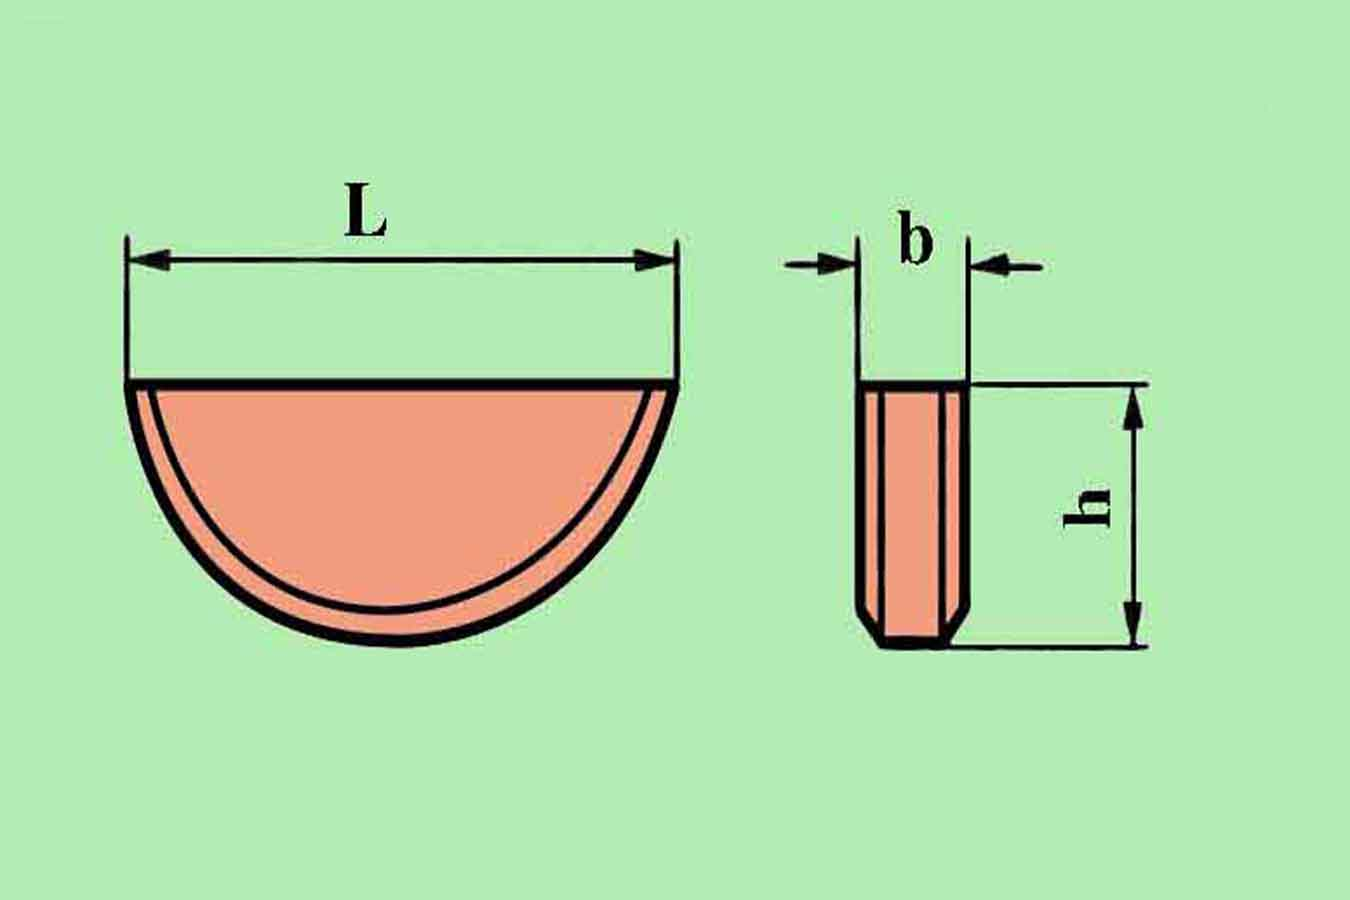 Vẽ cơ khí_Bài 31 :Ứng dụng và ghi kích thước Then bán nguyệt (Woodruff key) trên bản vẽ cơ khí.